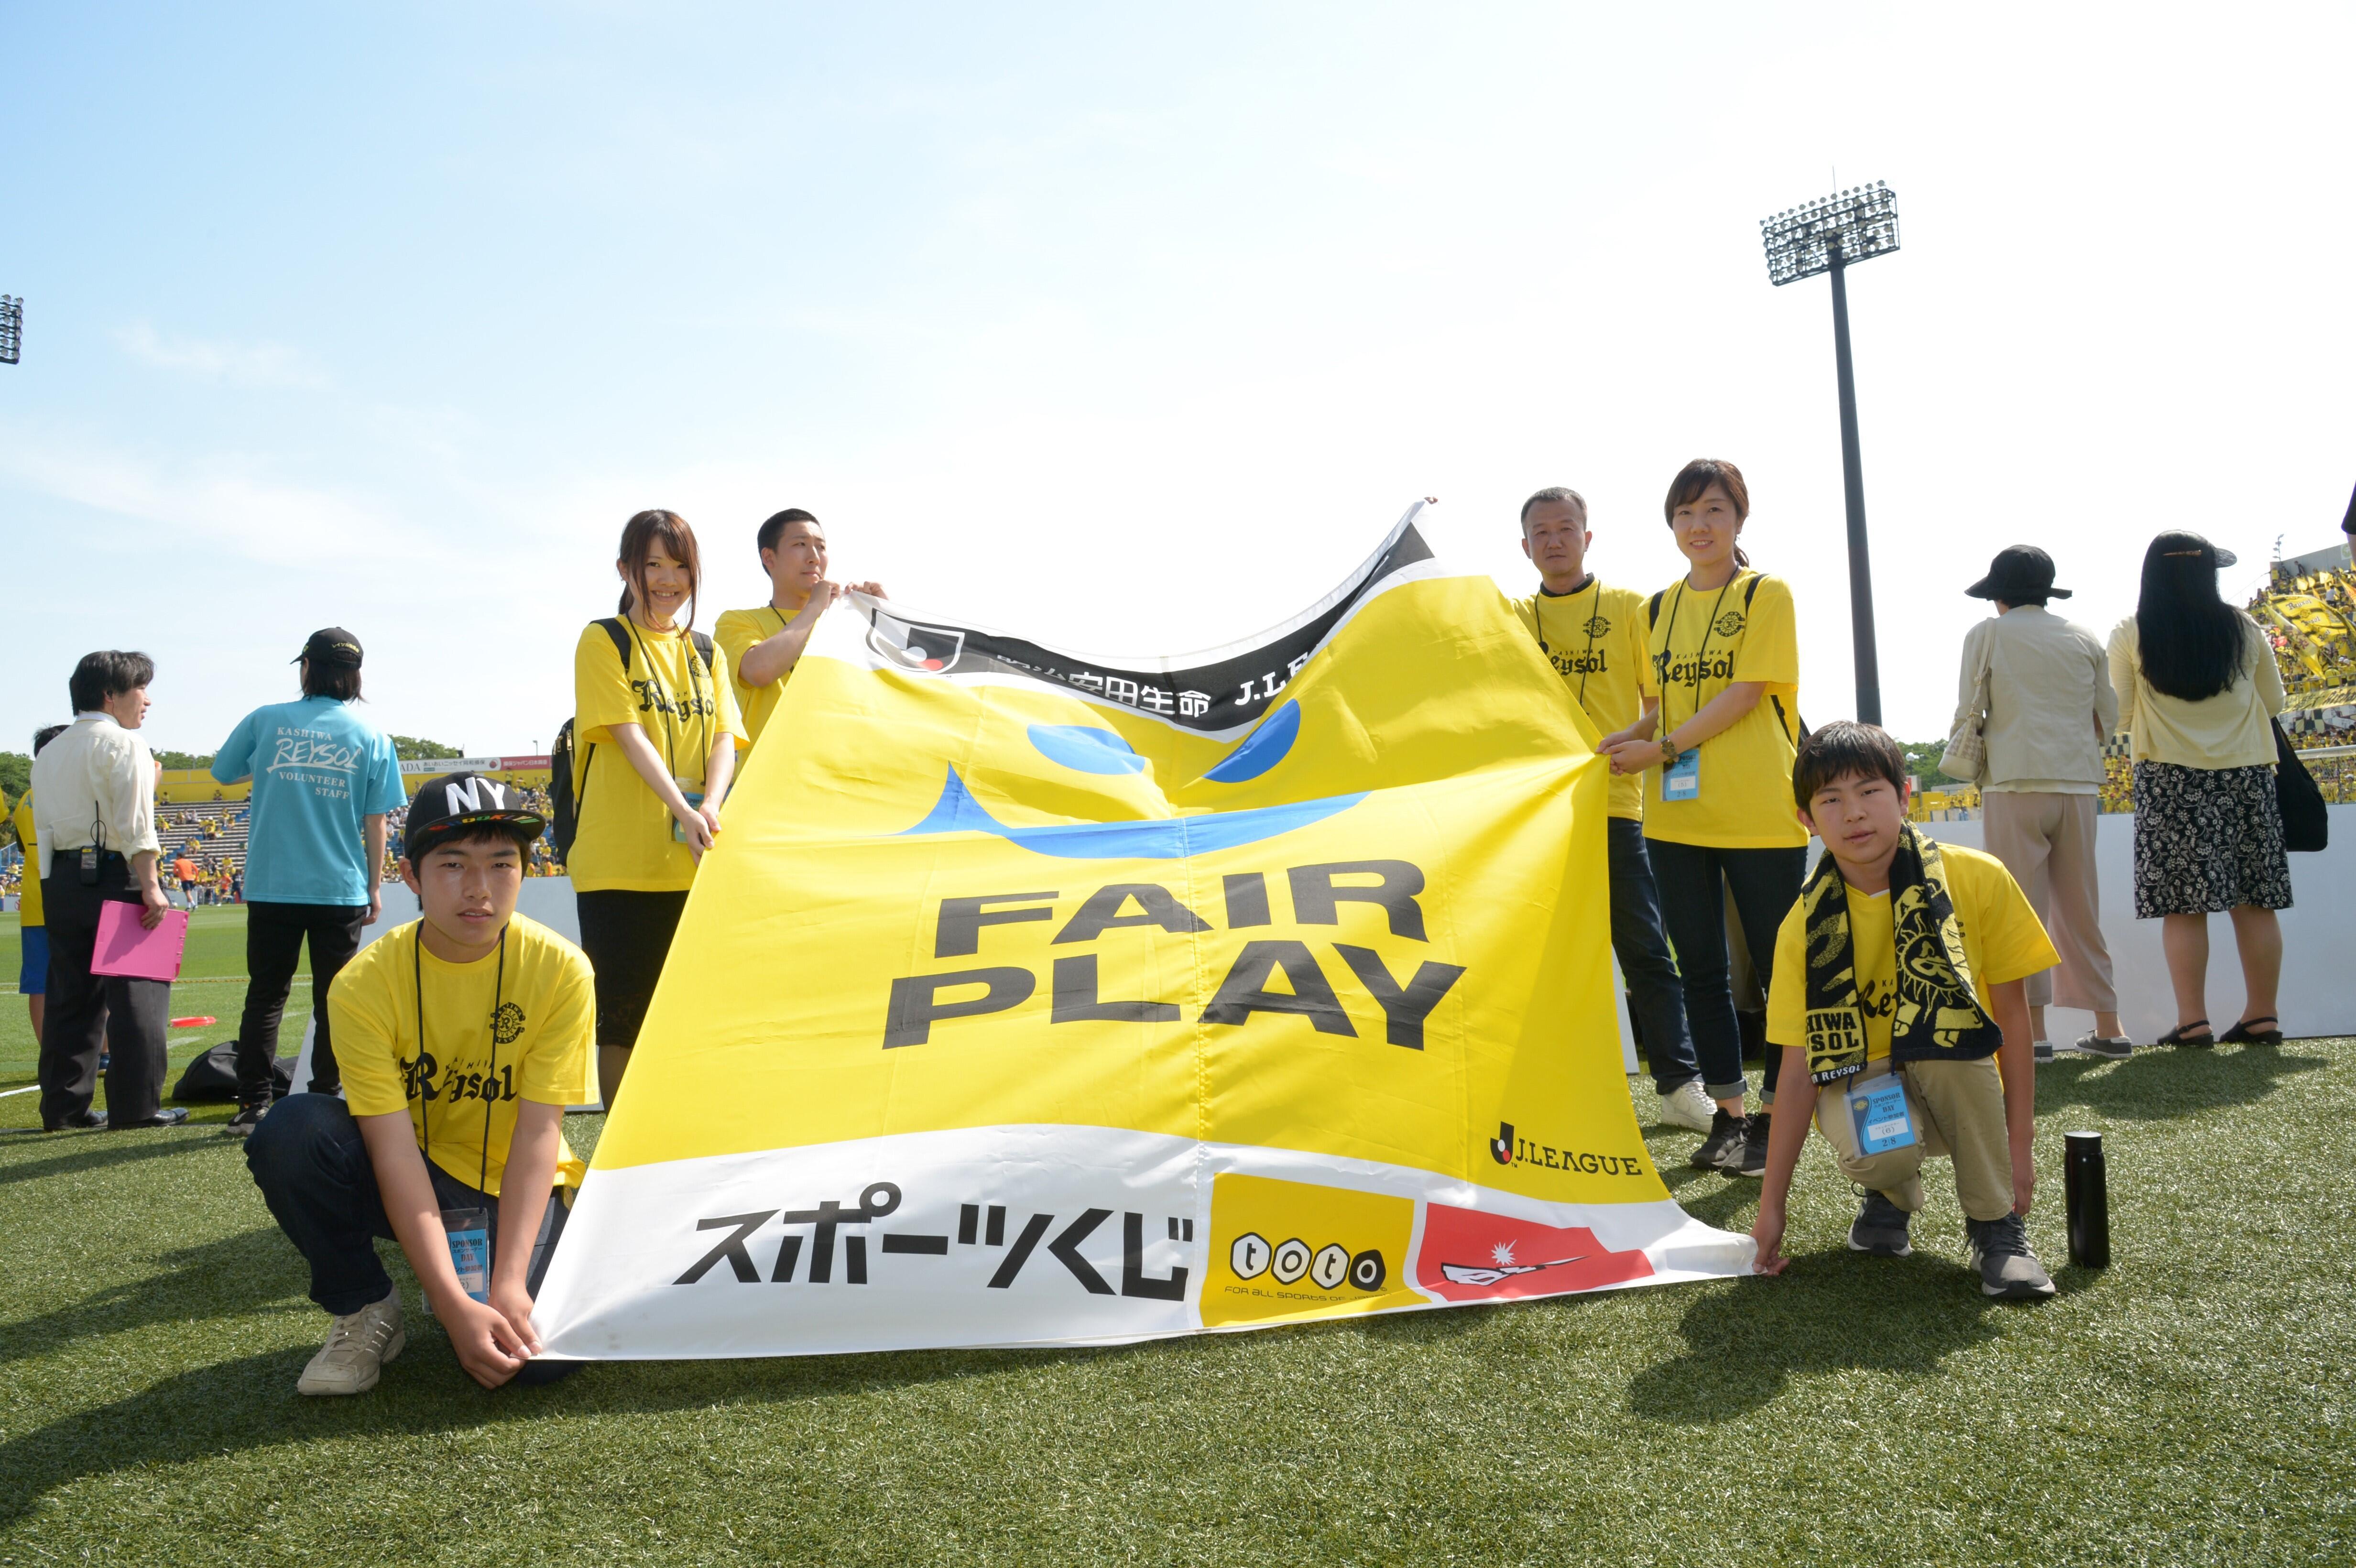 210411_fairplayflag.jpg